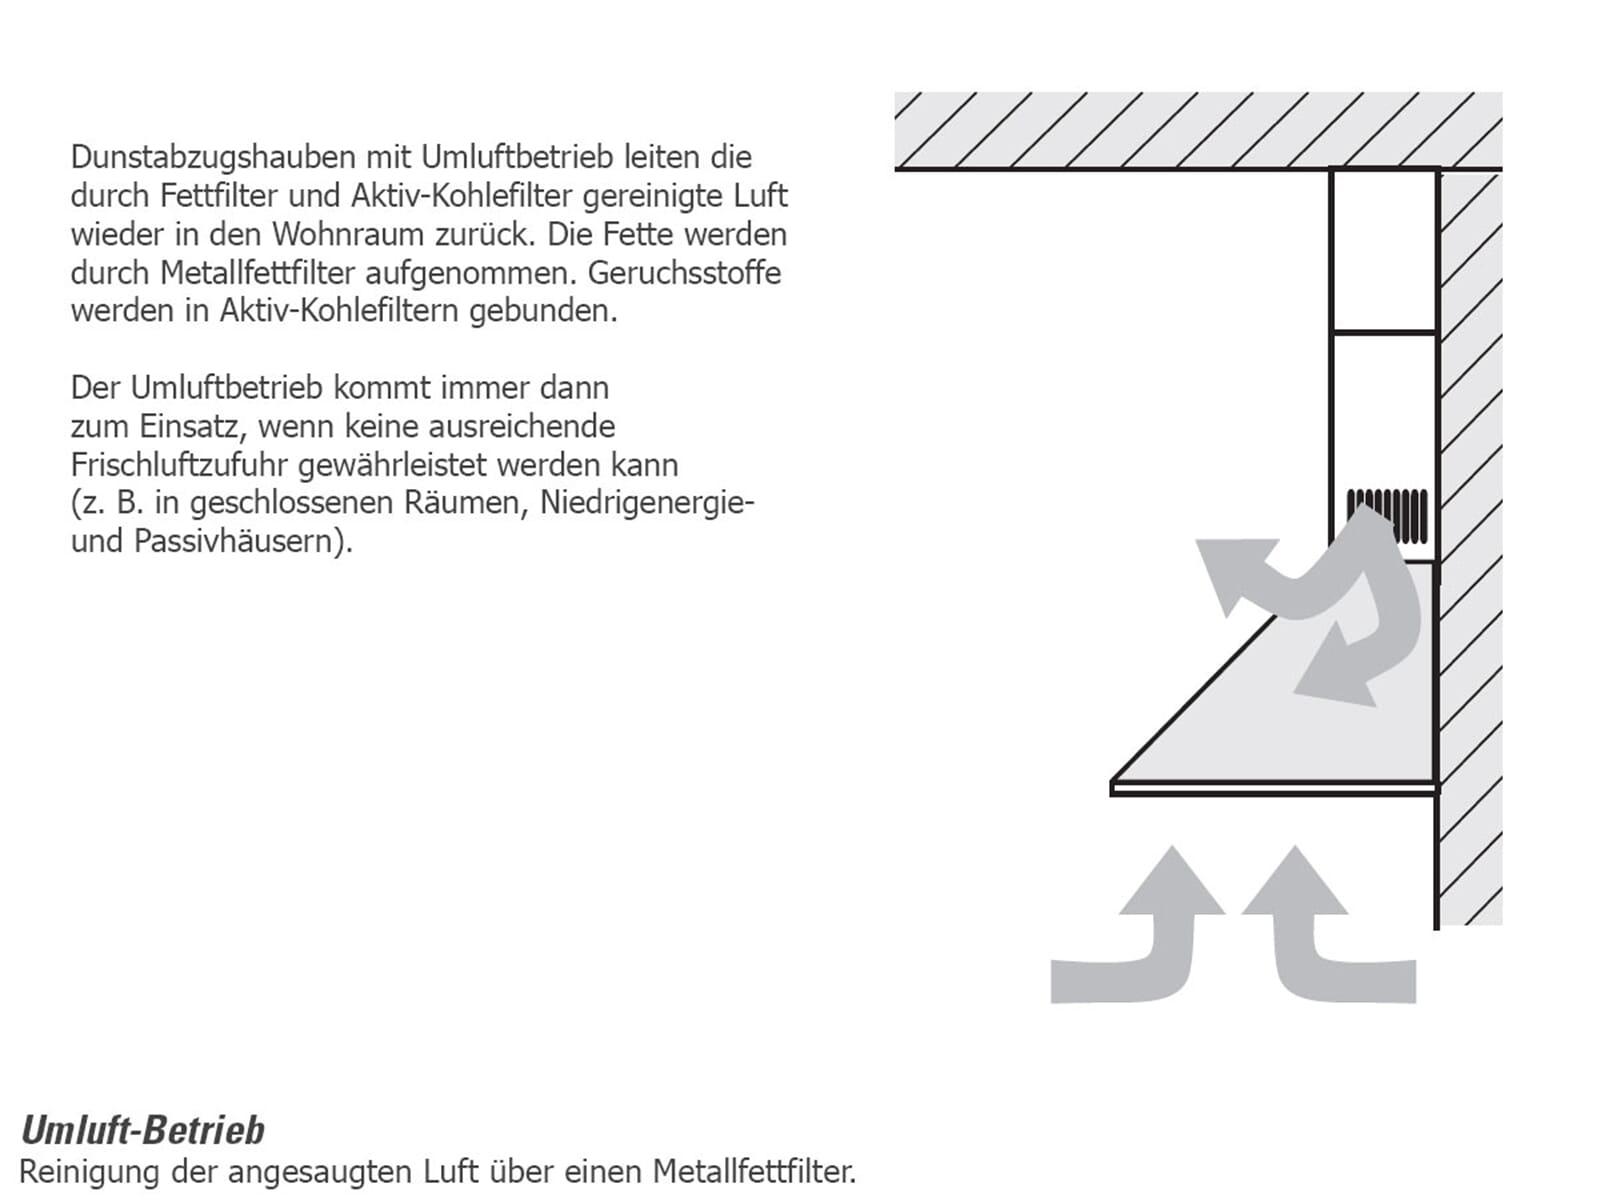 Oranier Sinus 90 W - 8613 92 Kopffreihaube Edelstahl/Weiß